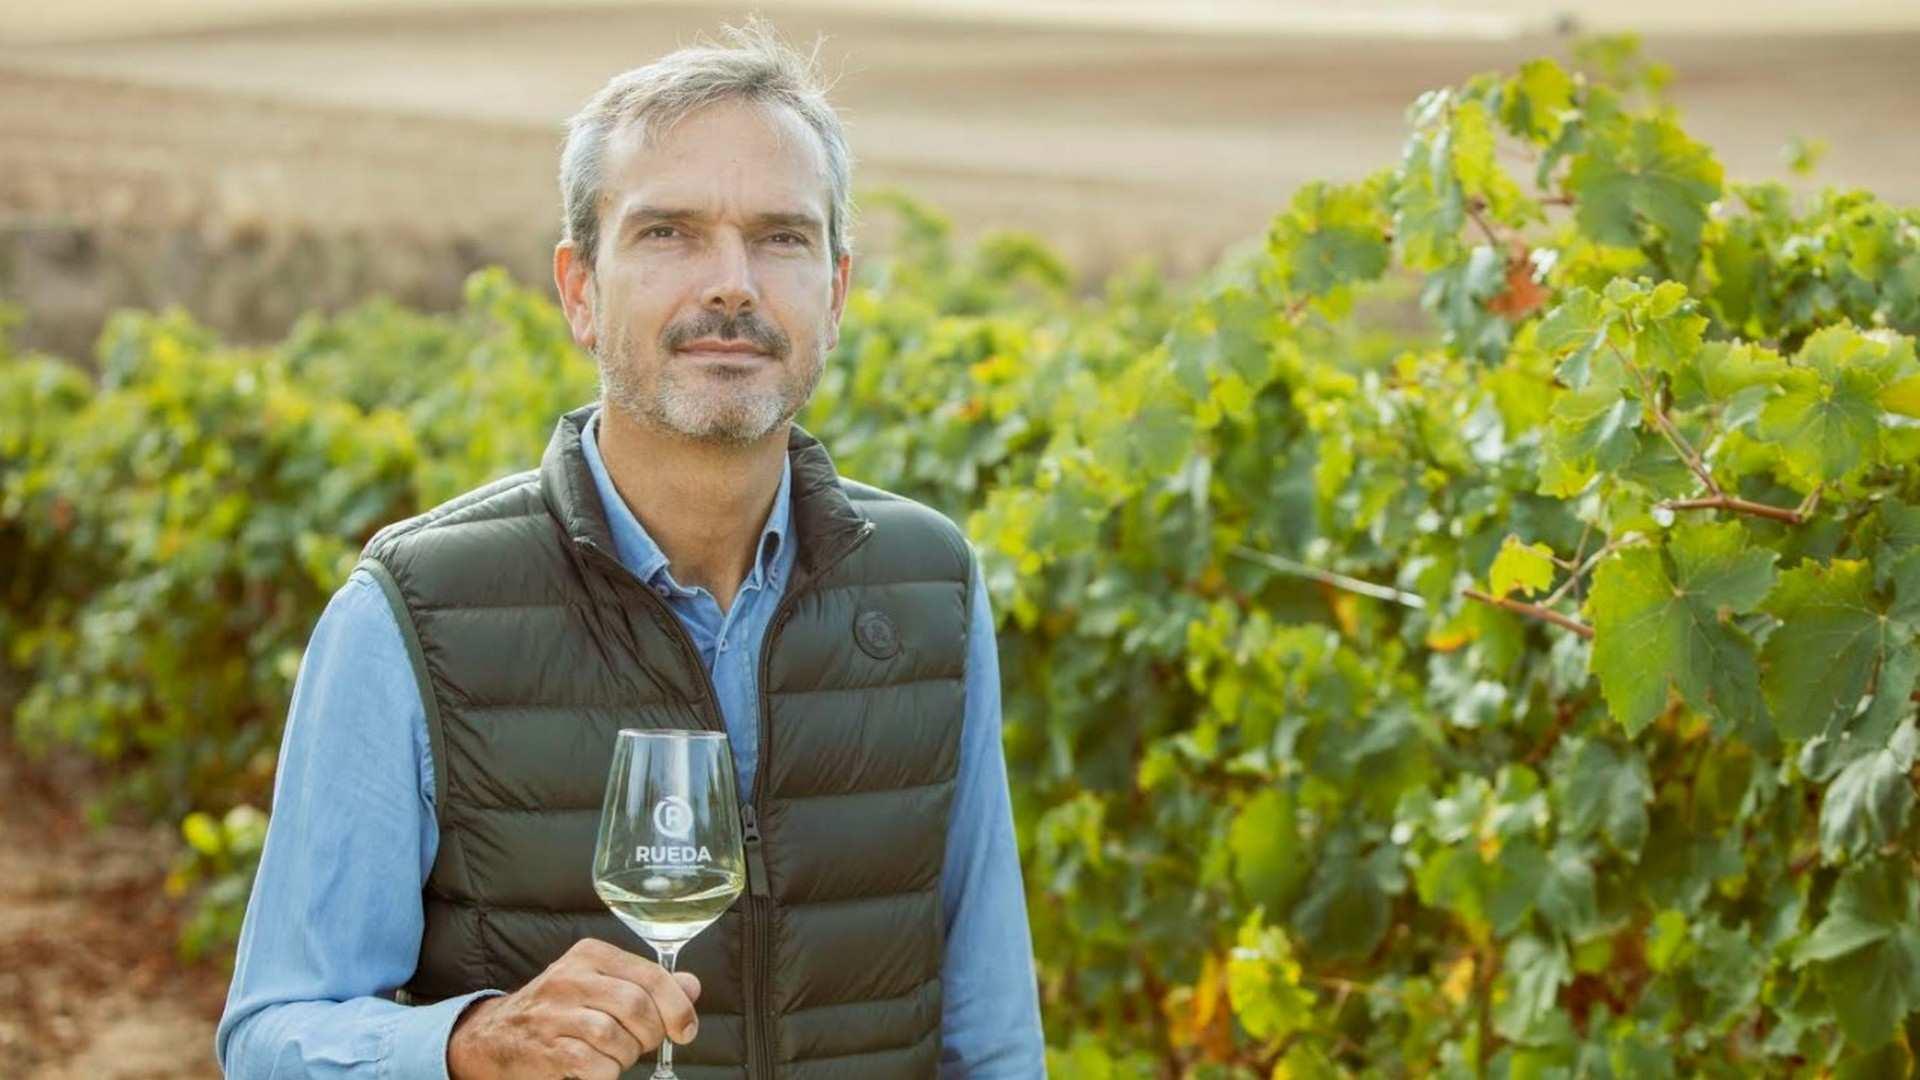 """Santiago Mora, Director de la D.O. Rueda: """"El vino blanco de calidad está ganando presencia en la alta gastronomía"""""""